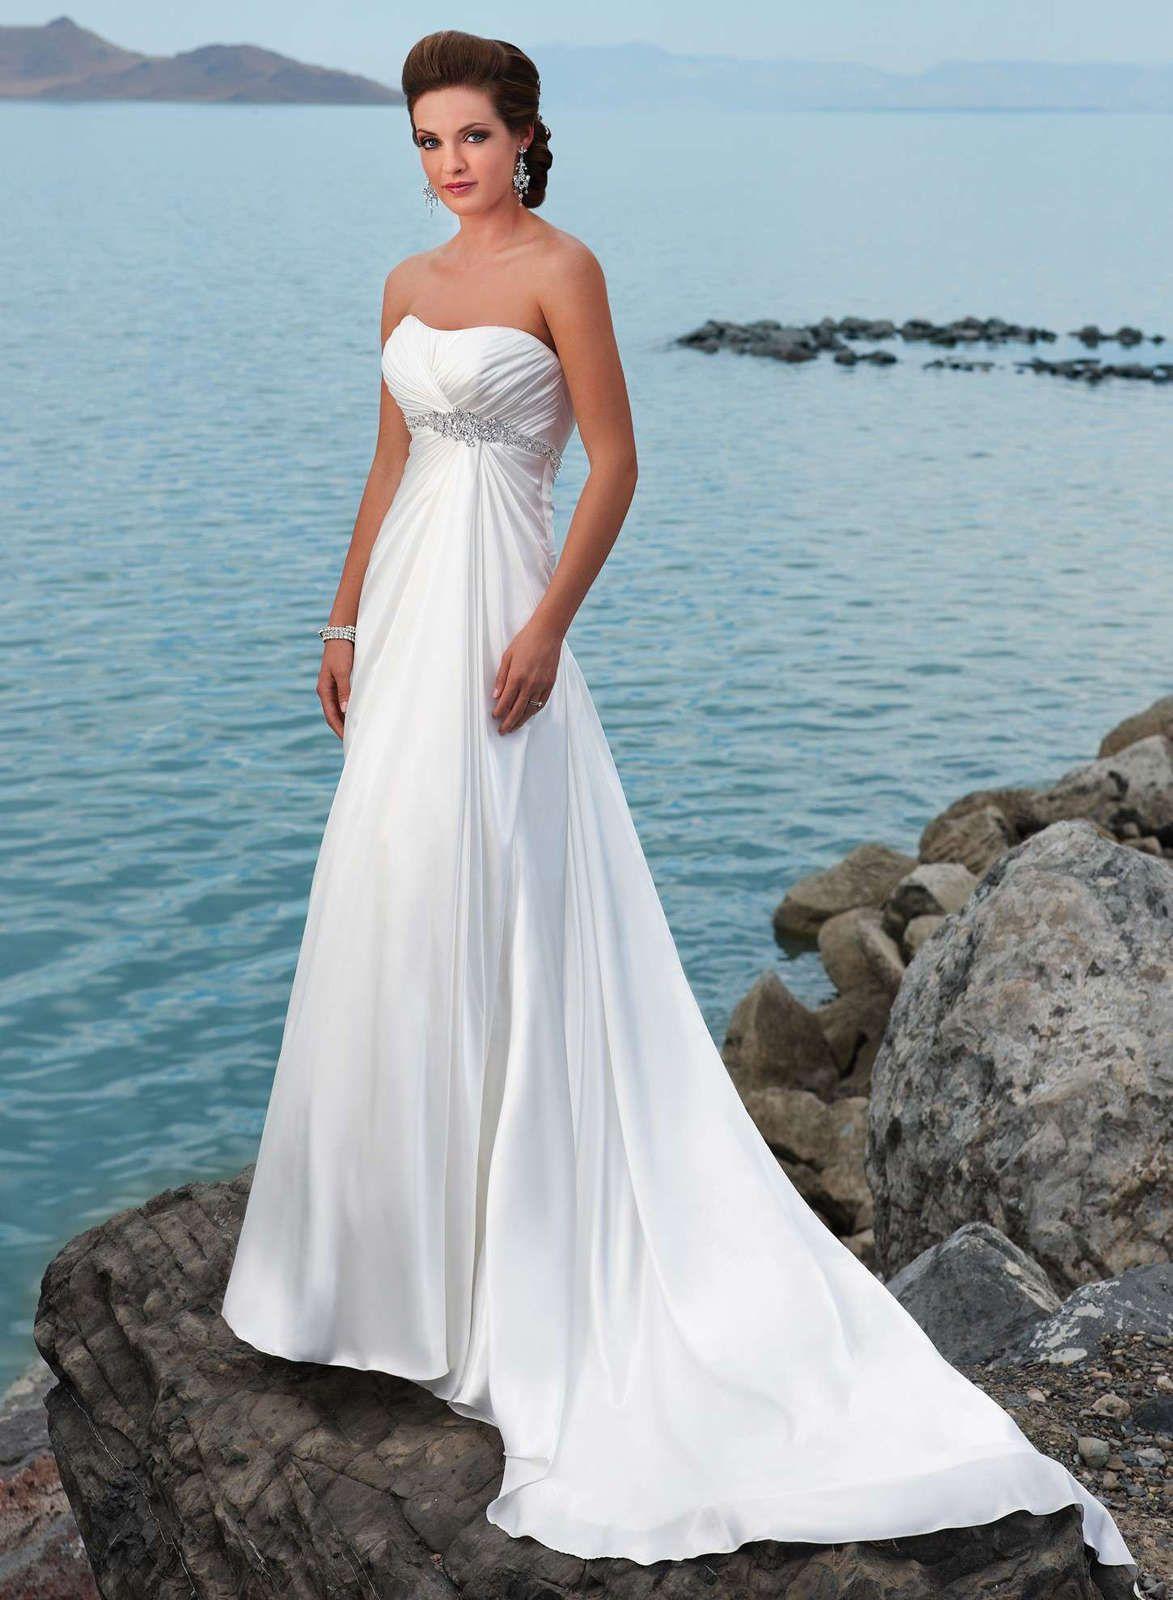 Beach Wedding Dresses Gowns dress ideas Pinterest Beach